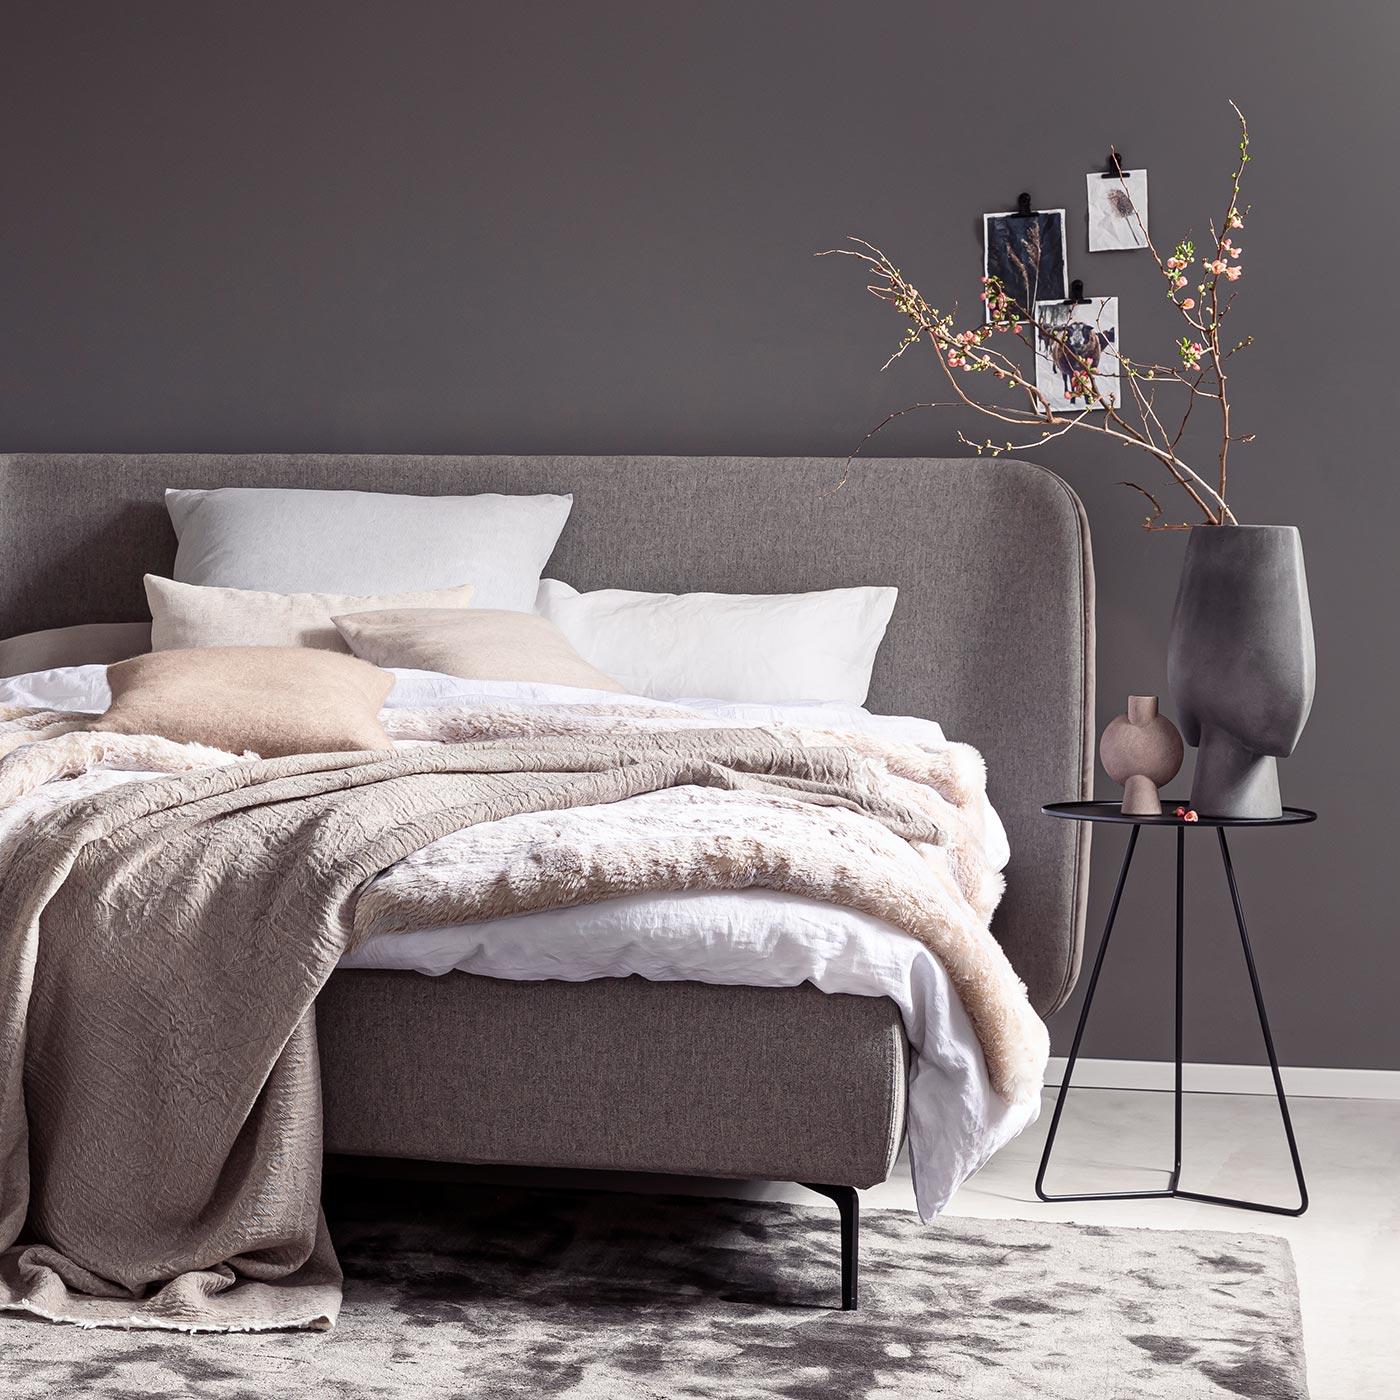 deco guide ausgesuchte wohnideen und professionelle. Black Bedroom Furniture Sets. Home Design Ideas